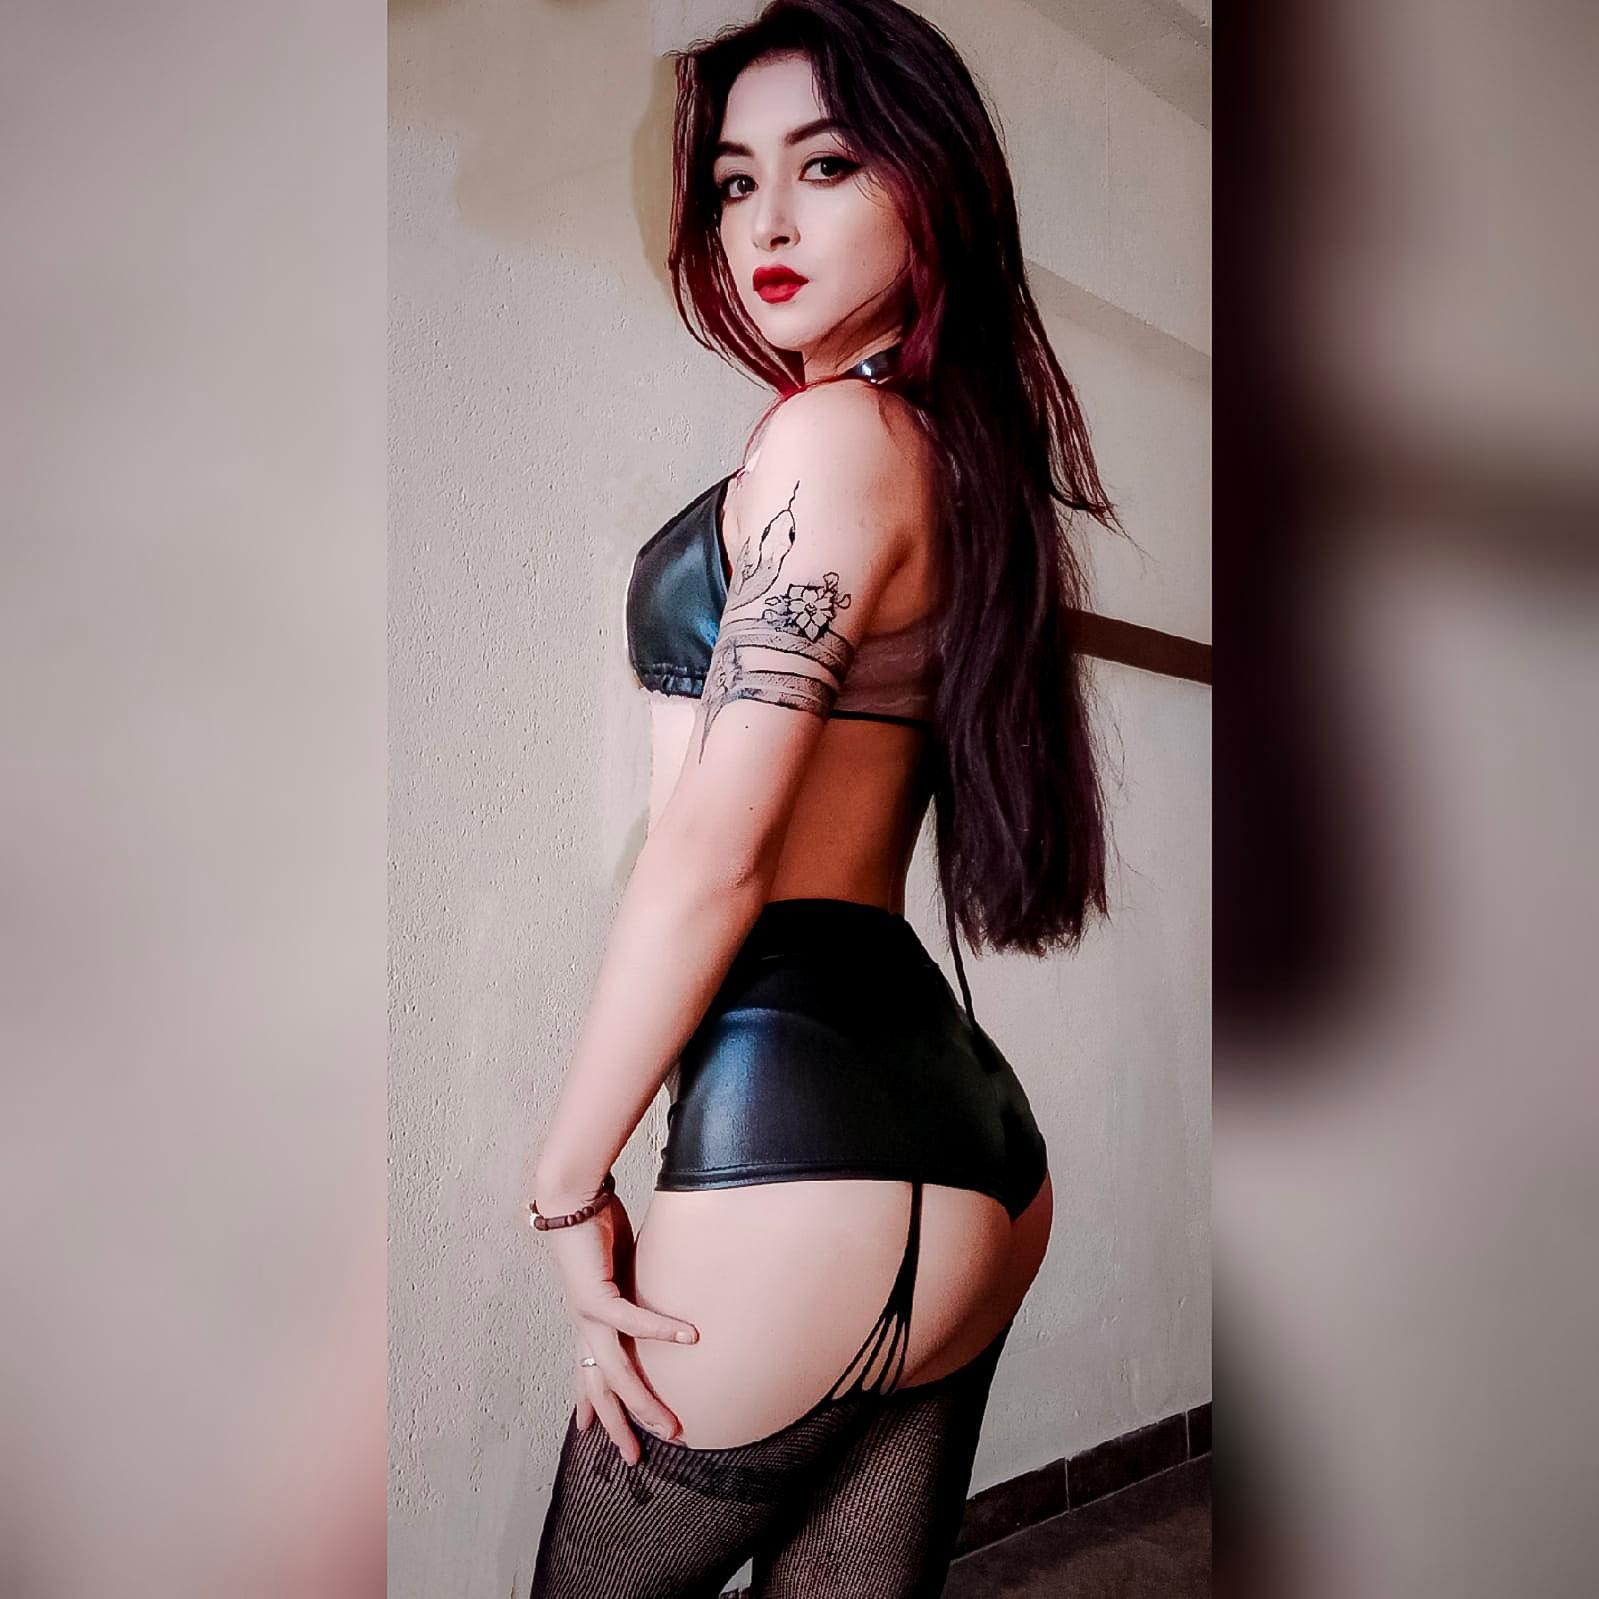 Lina brrown?s=srhvwzcicc8otrum5sdkyxvwfhfqujwqwaa797c+rem=